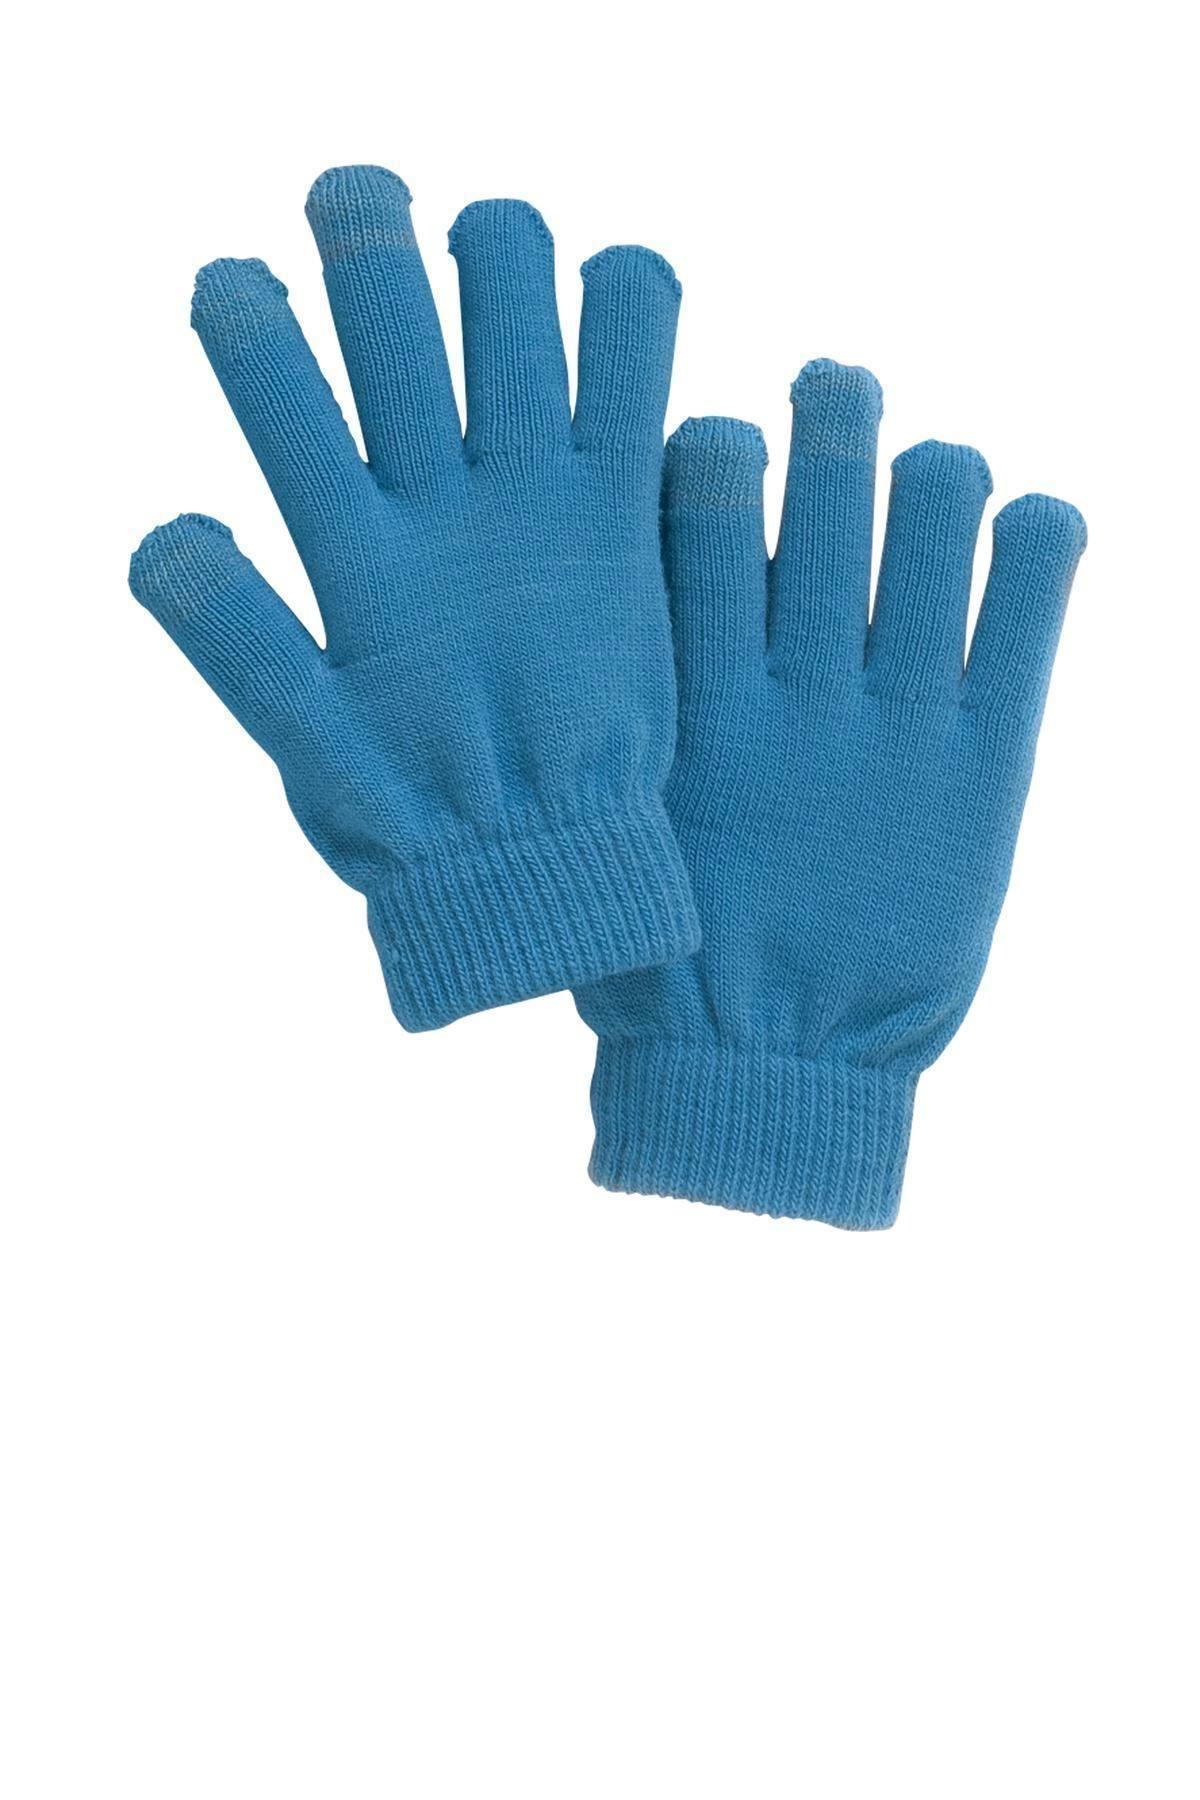 Sporttek spectator gloves sta01 blue gloves